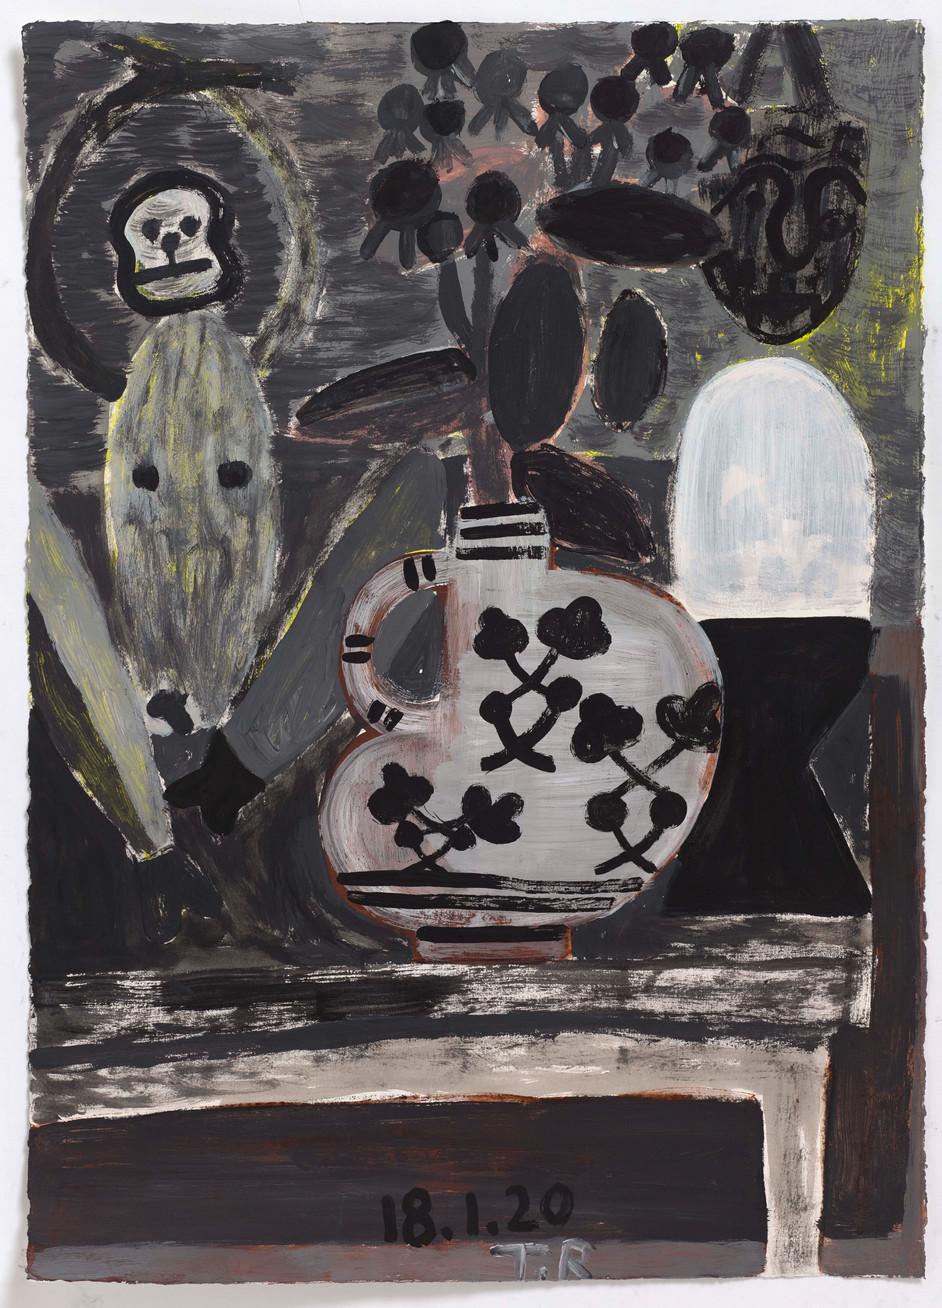 TAL R Yellow king, Agatha, Emil, 2020 gouache on paper 76 x 55 cm